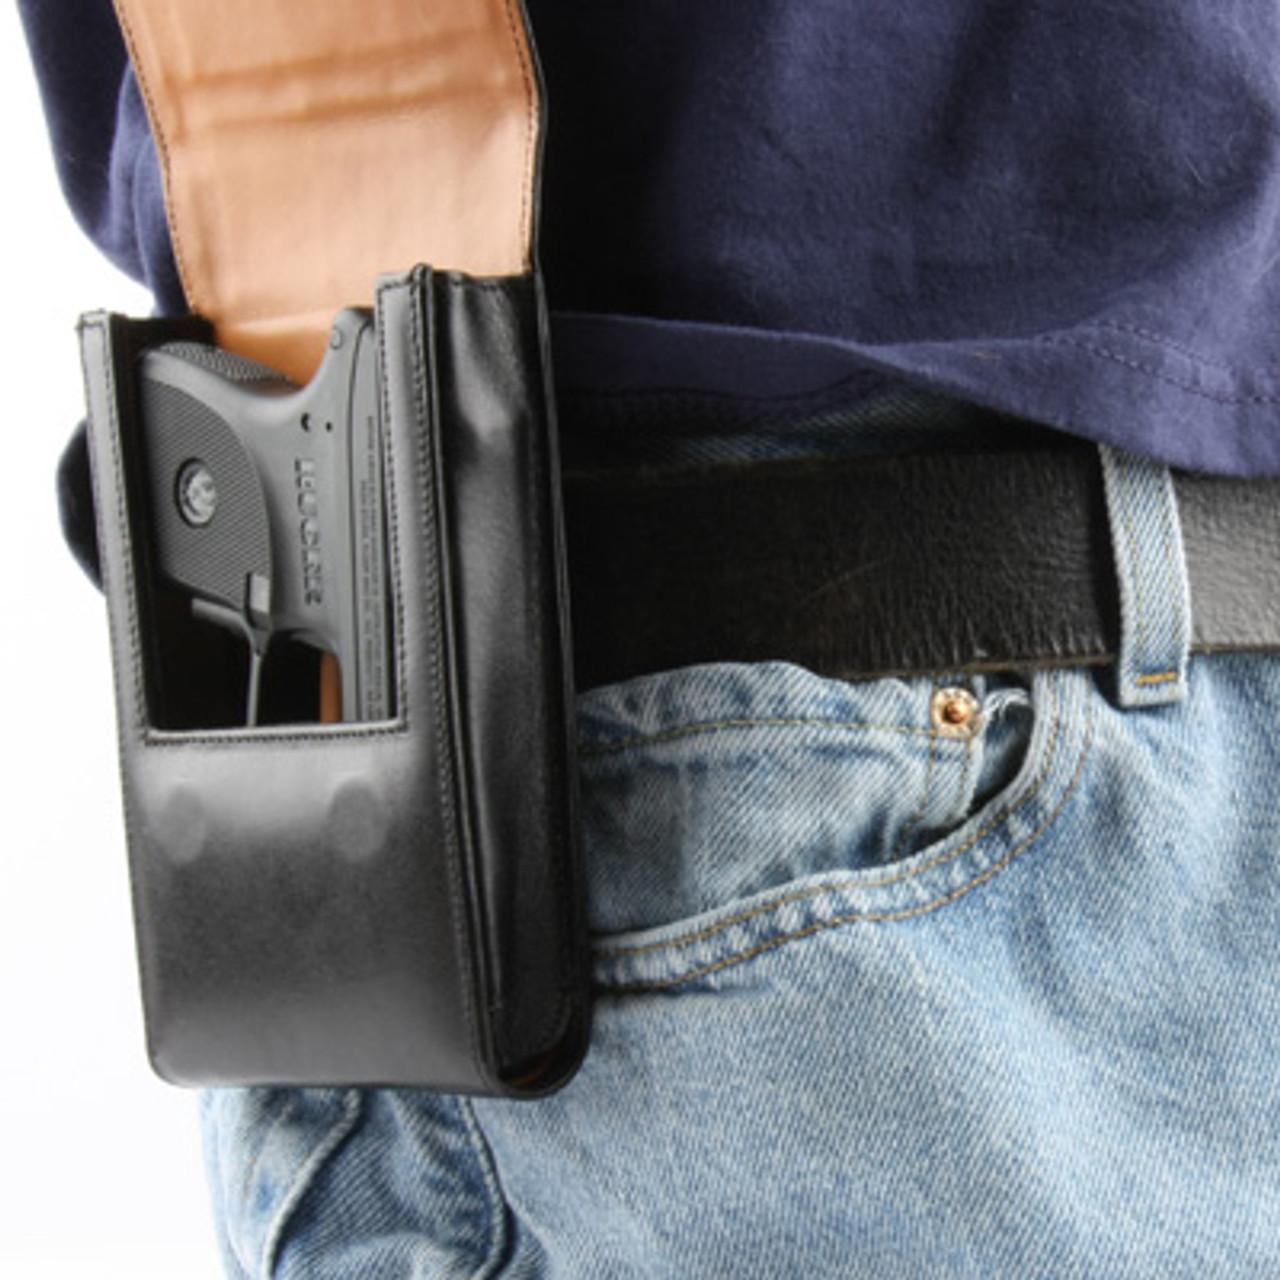 S&W J-Frame Sneaky Pete Holster (Belt Loop) - Sneaky Pete Holsters, Inc.